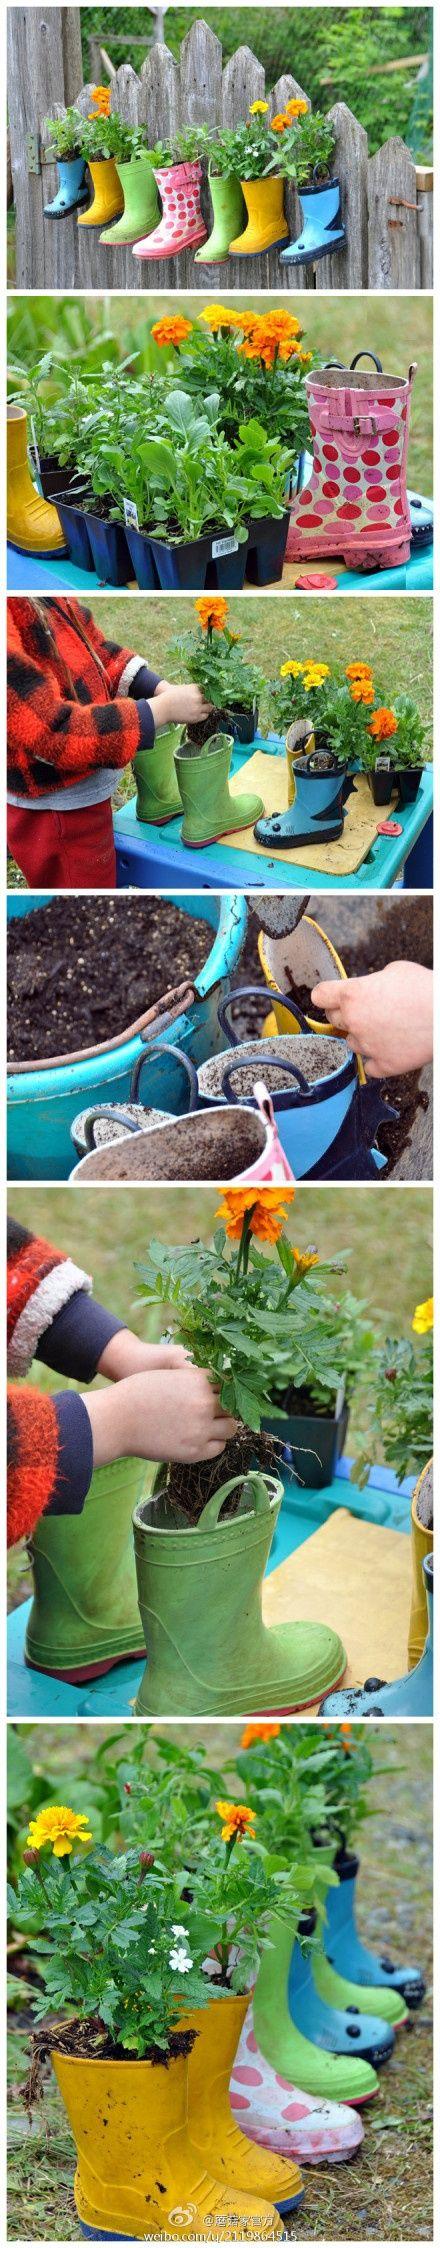 Manchmal muss man es Kinder anschaulich und schmackhaft machen sich für bestimmte Sachen zu interessieren. Gartenarbeit, die meisten Kinder lieben es, aber es gibt auch Kinder, die es überhaupt nicht mögen. Mit diesen grünen Ideen wird es aufregen...